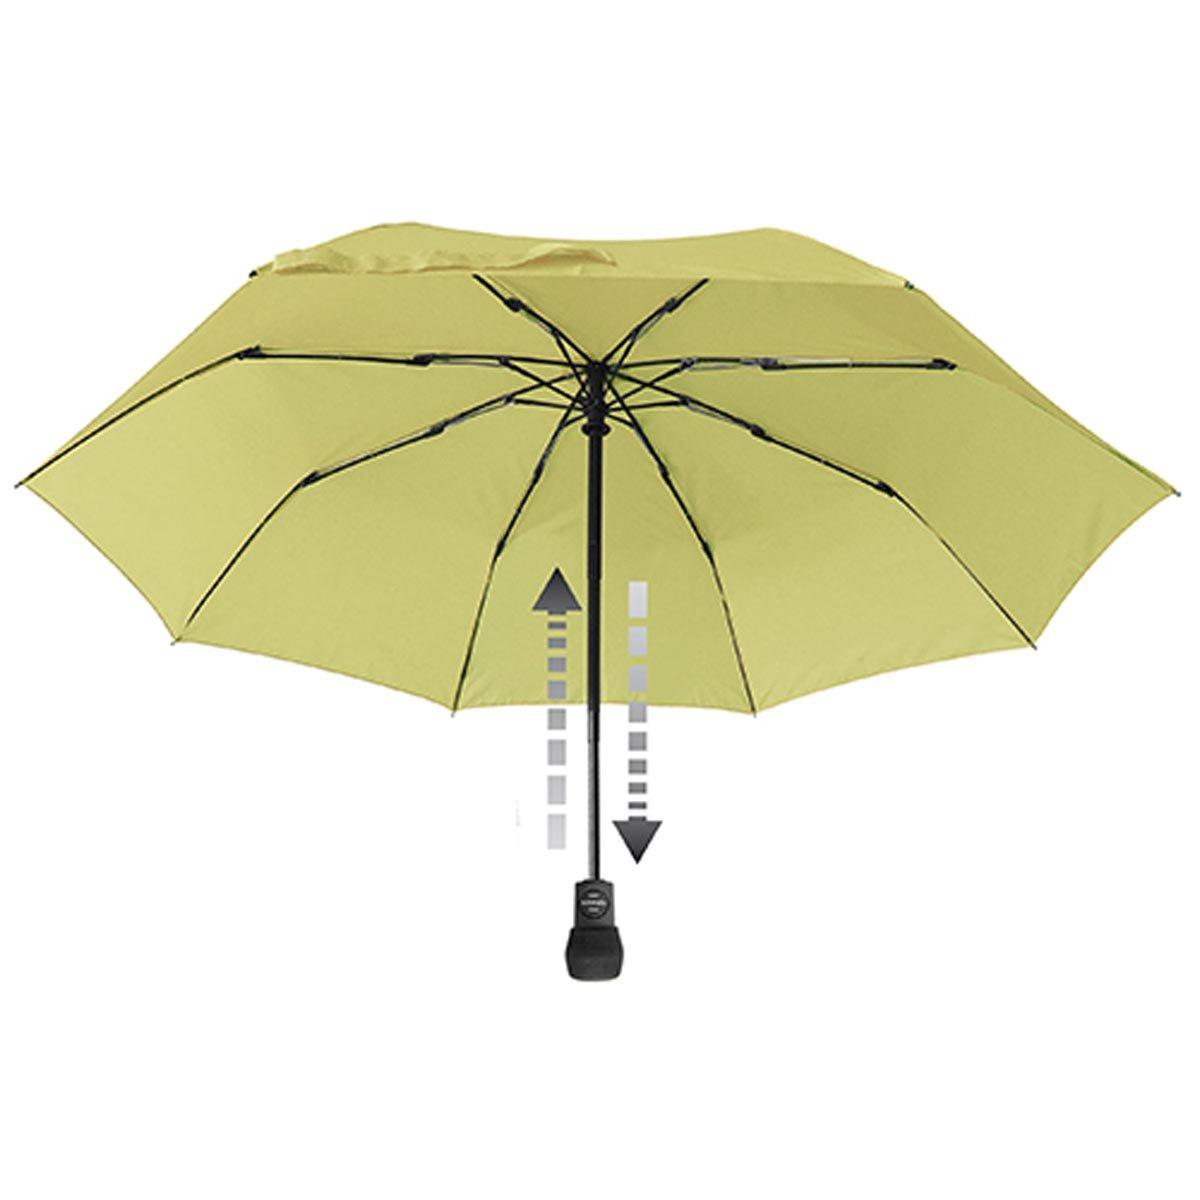 Gö bel Outdoor Paraguas Lite Trek Automatic Göbel